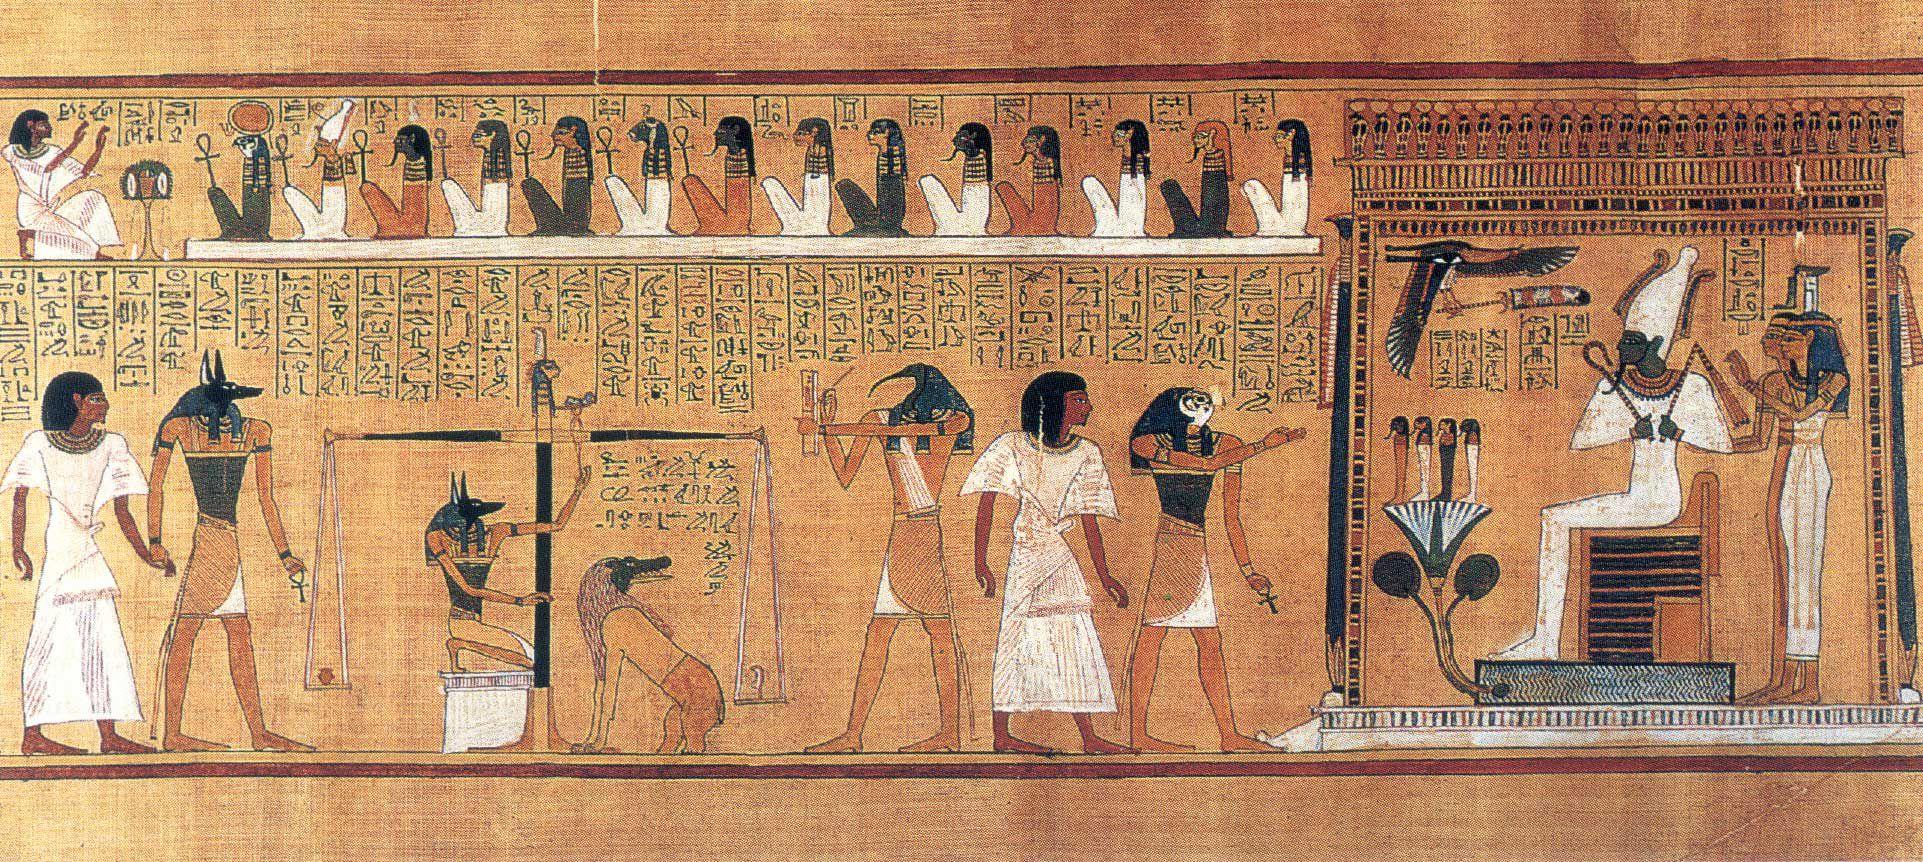 sú niektoré z domu Anubis obsadenie datovania